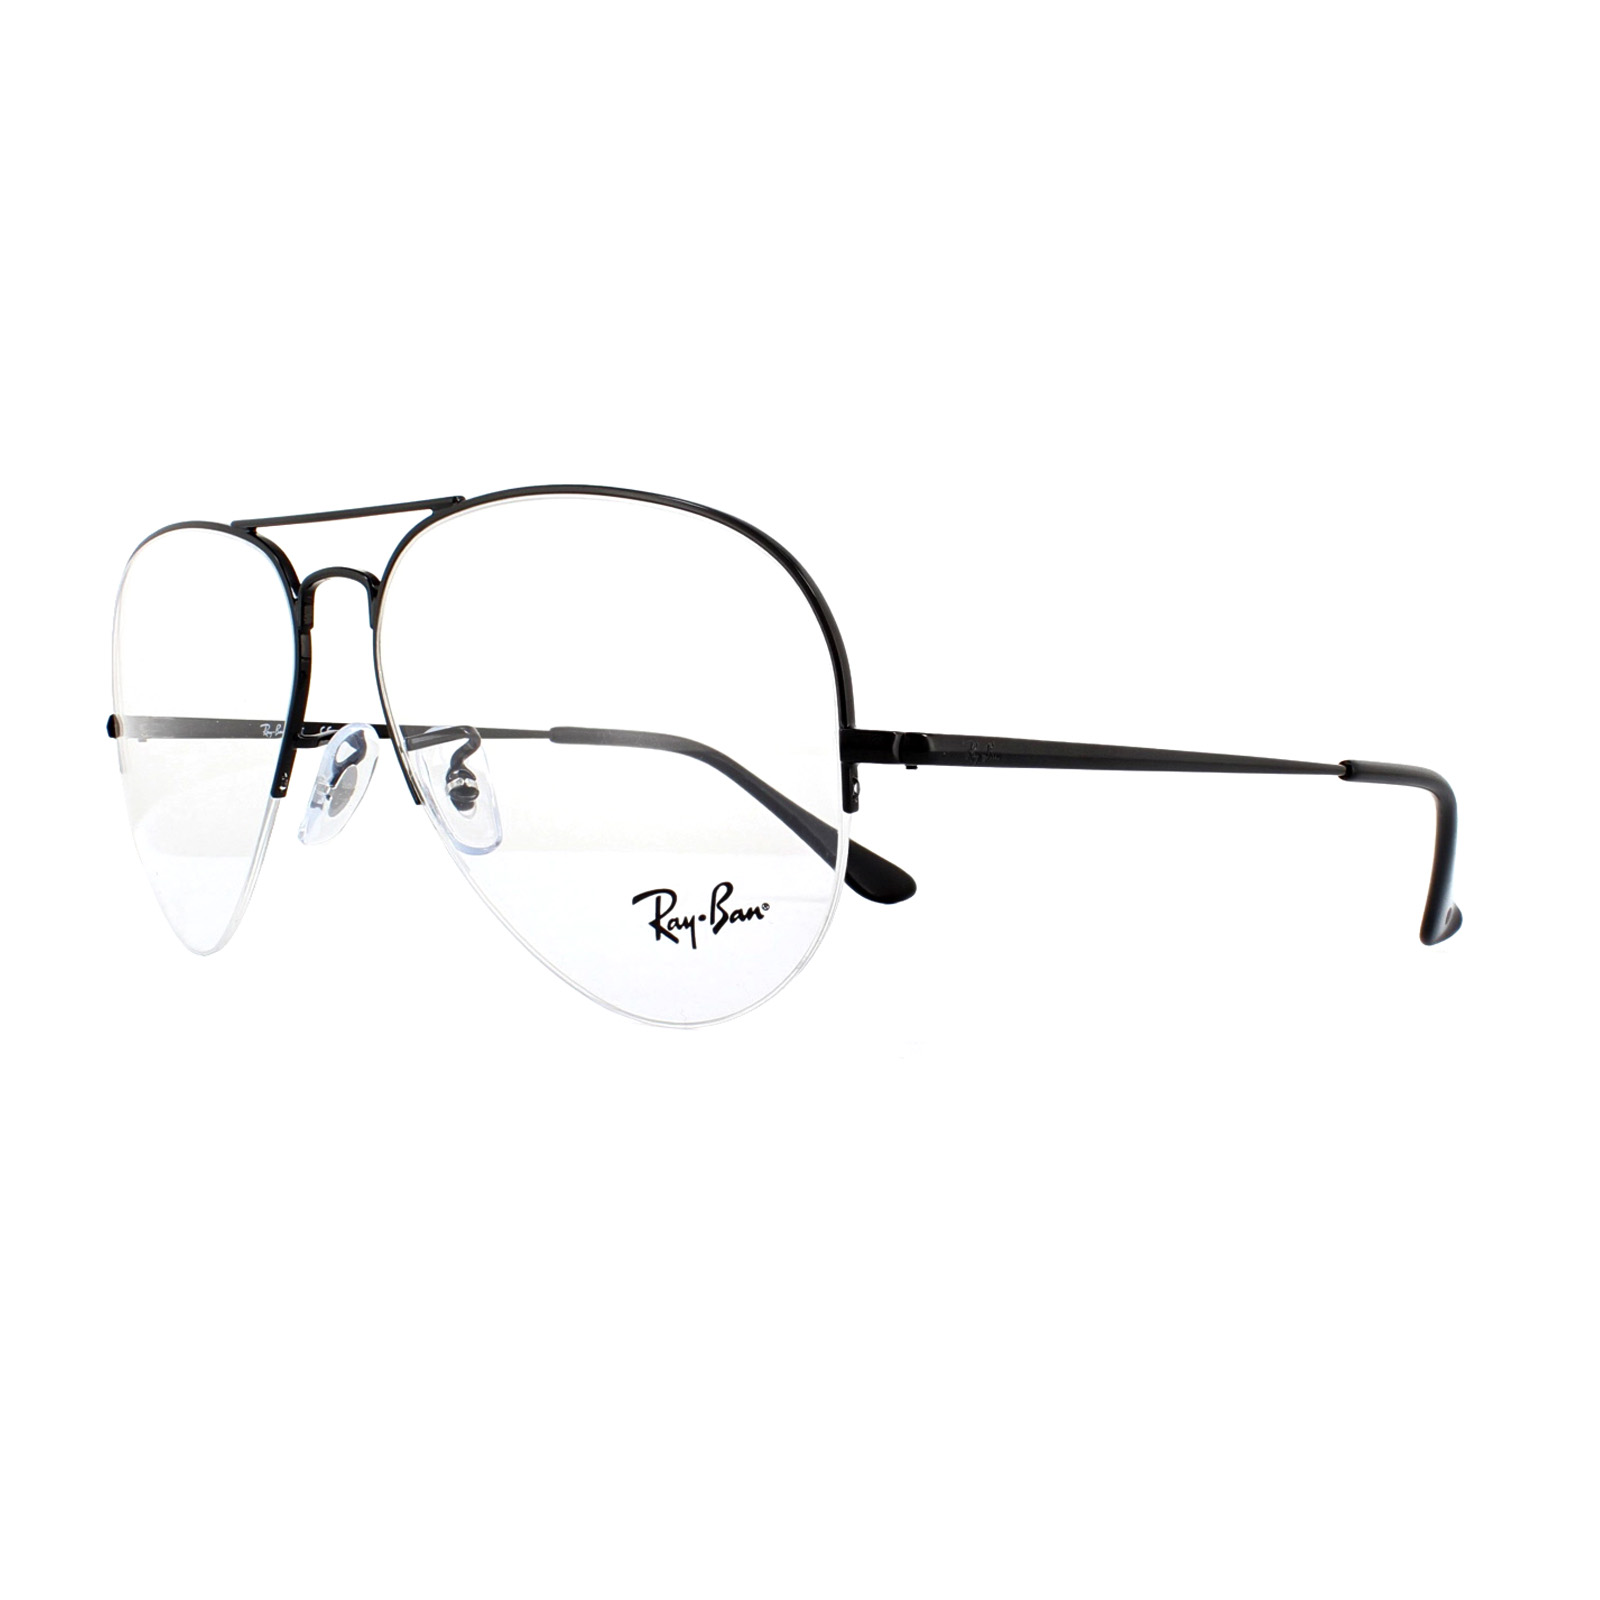 599ab251f6 Ray-Ban Glasses Frames 6589 2509 Black 59mm 8053672864151